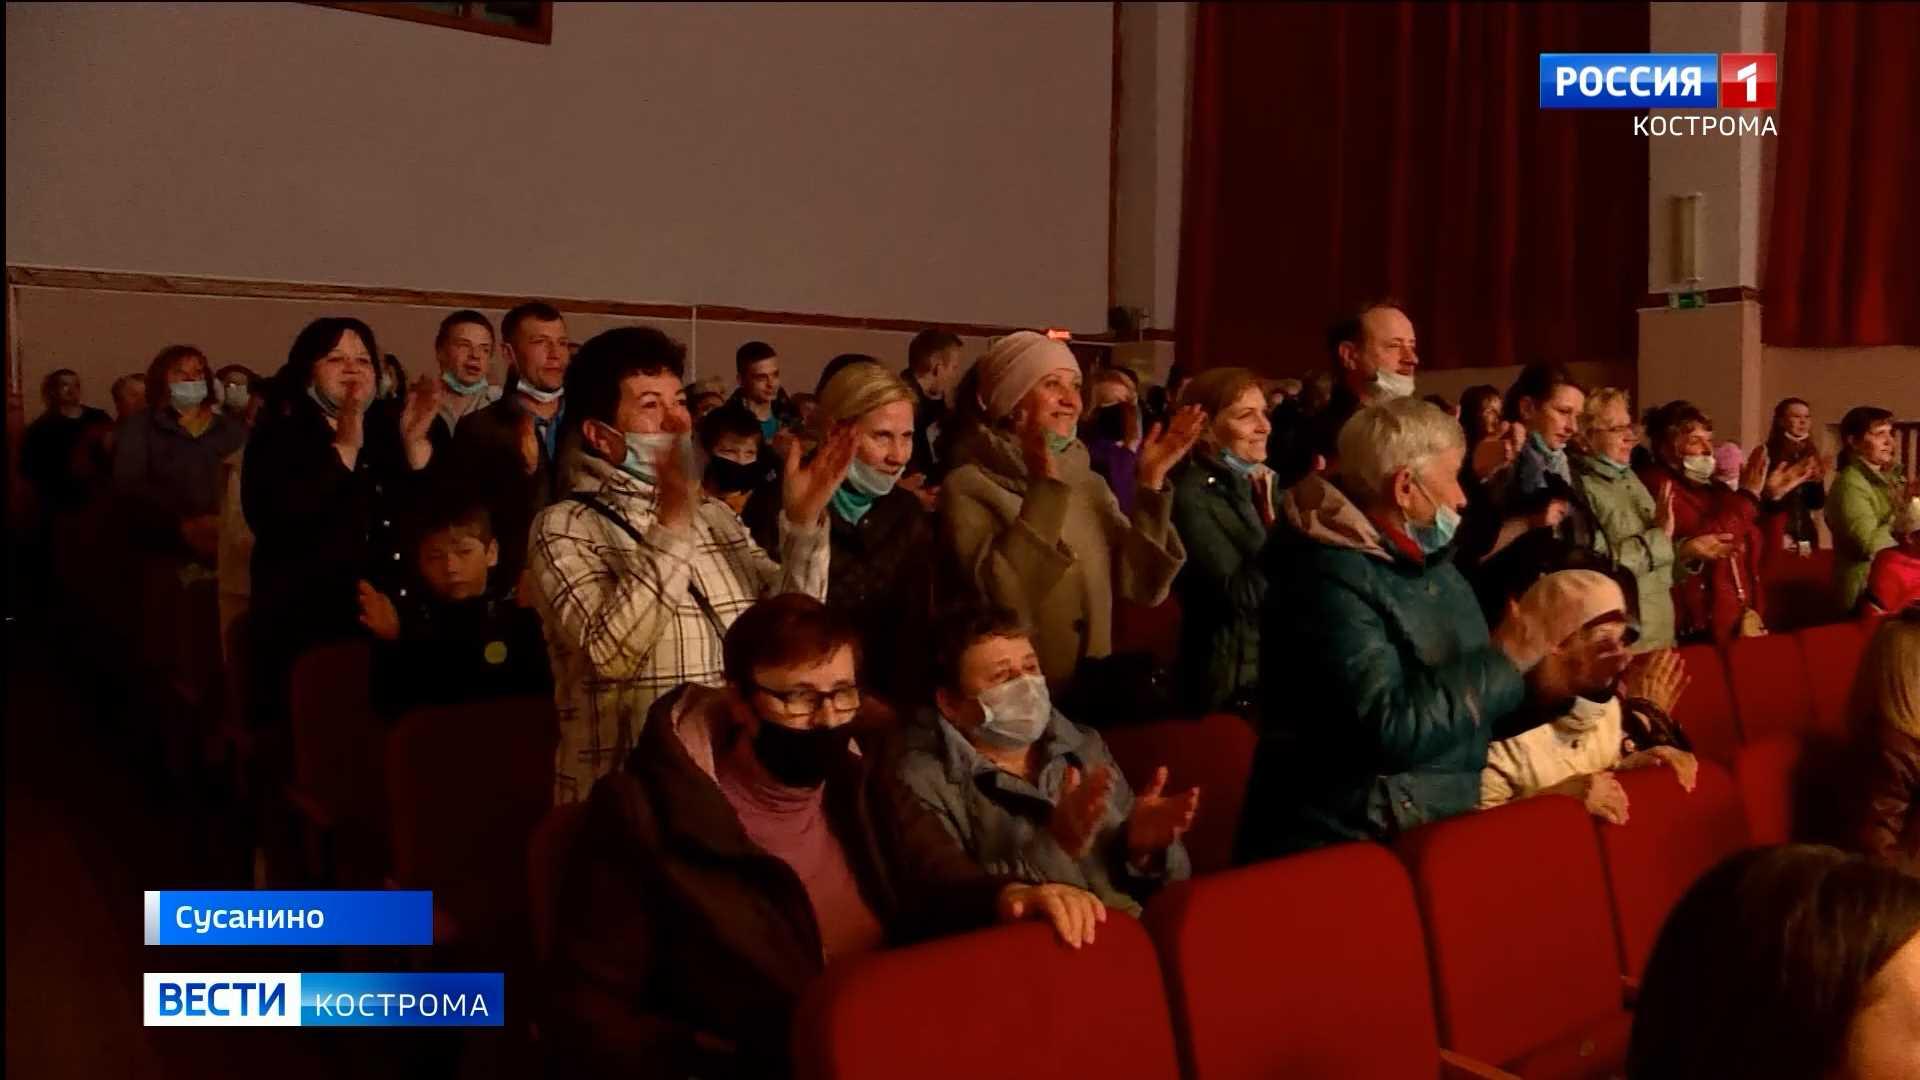 Молодых артистов балета в костромской глубинке зрители благодарили стоя